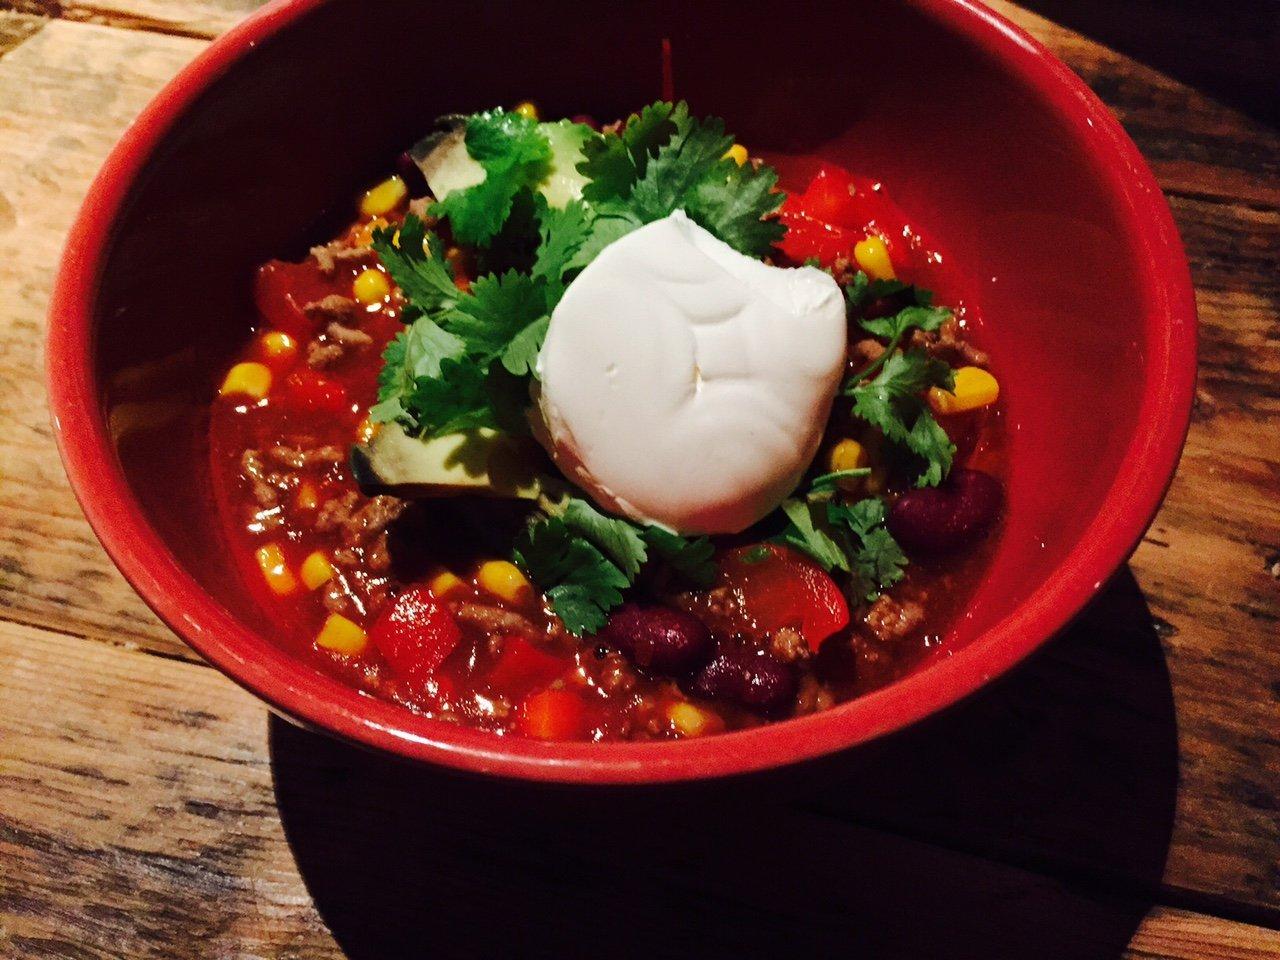 Chili con carne receptblog foodinista chili recept